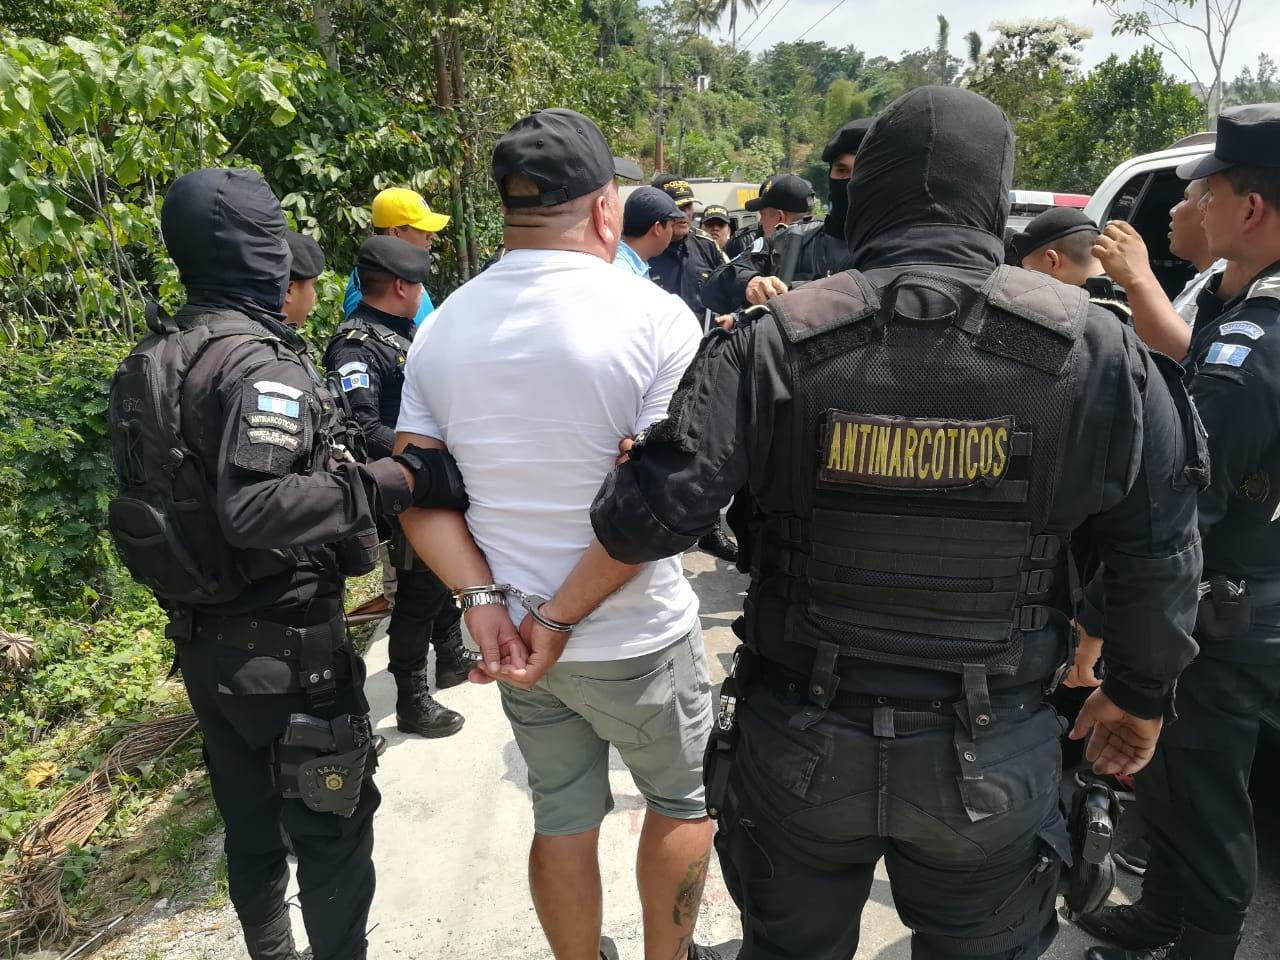 La Policía Nacional Civil reportó la captura de Rony Alexánder Ortiz López, hermano del narcotraficante Juan Ortiz López. (Foto Prensa Libre: Cortesía)